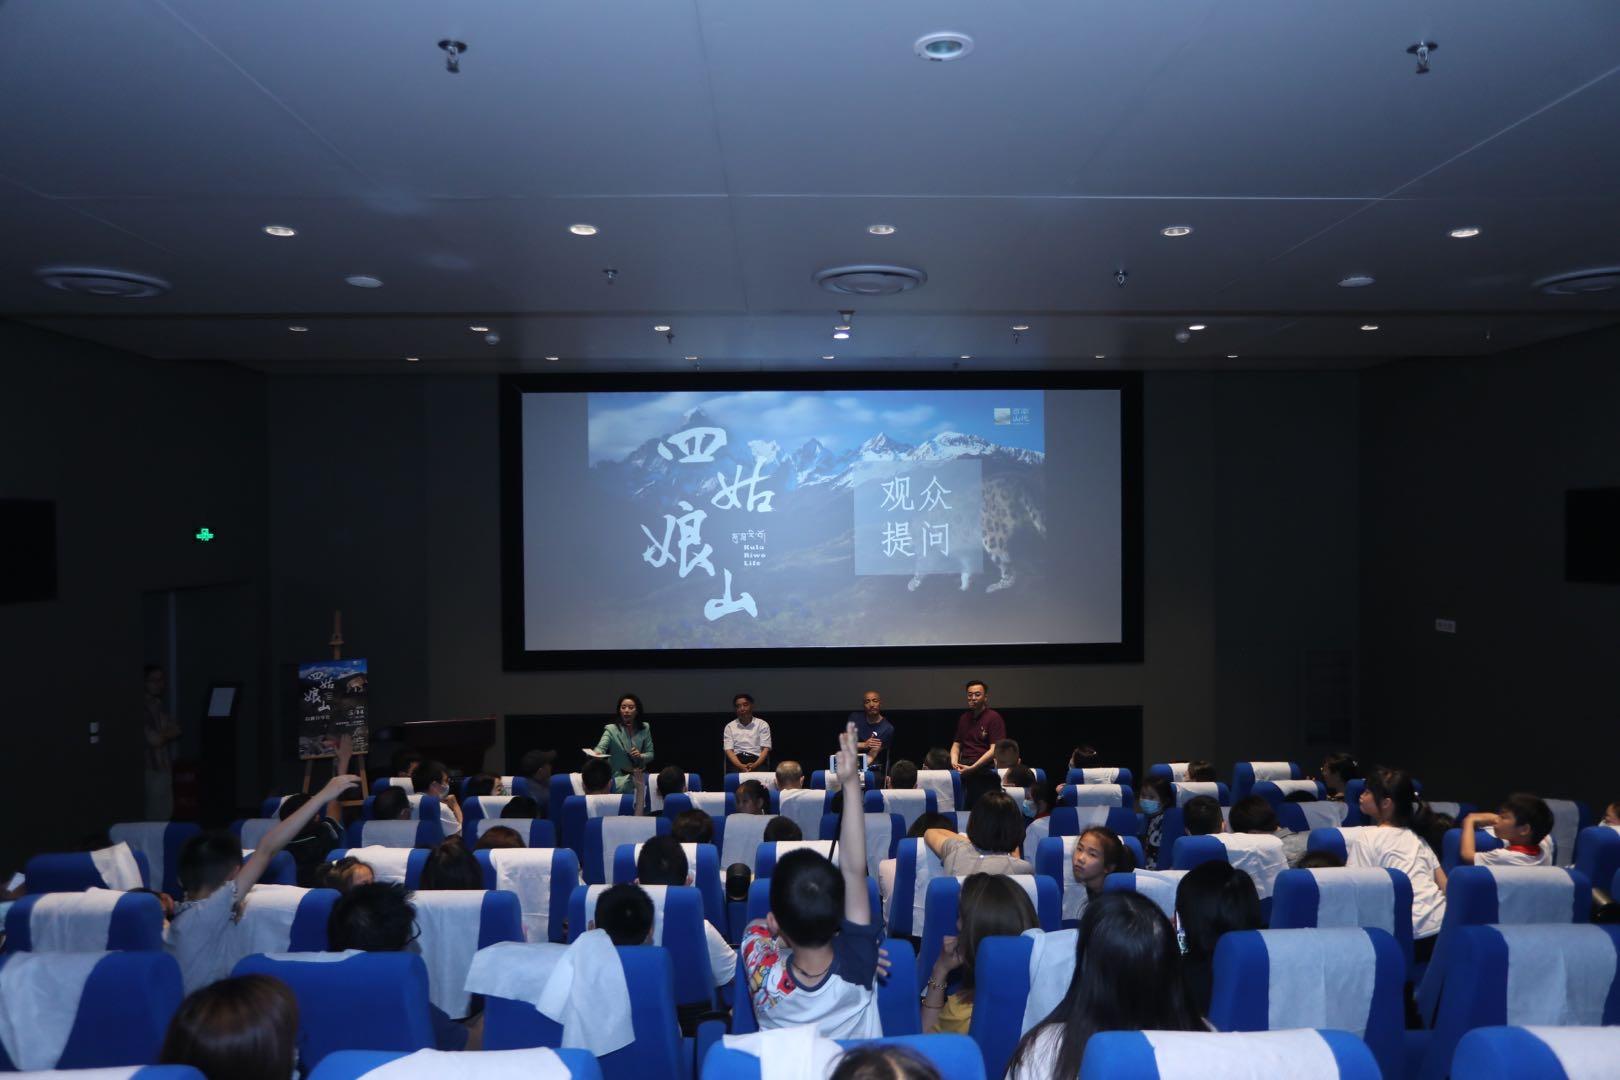 首次拍到幺妹峰与雪豹同框,自然版《美女与野兽》今夜成博上映